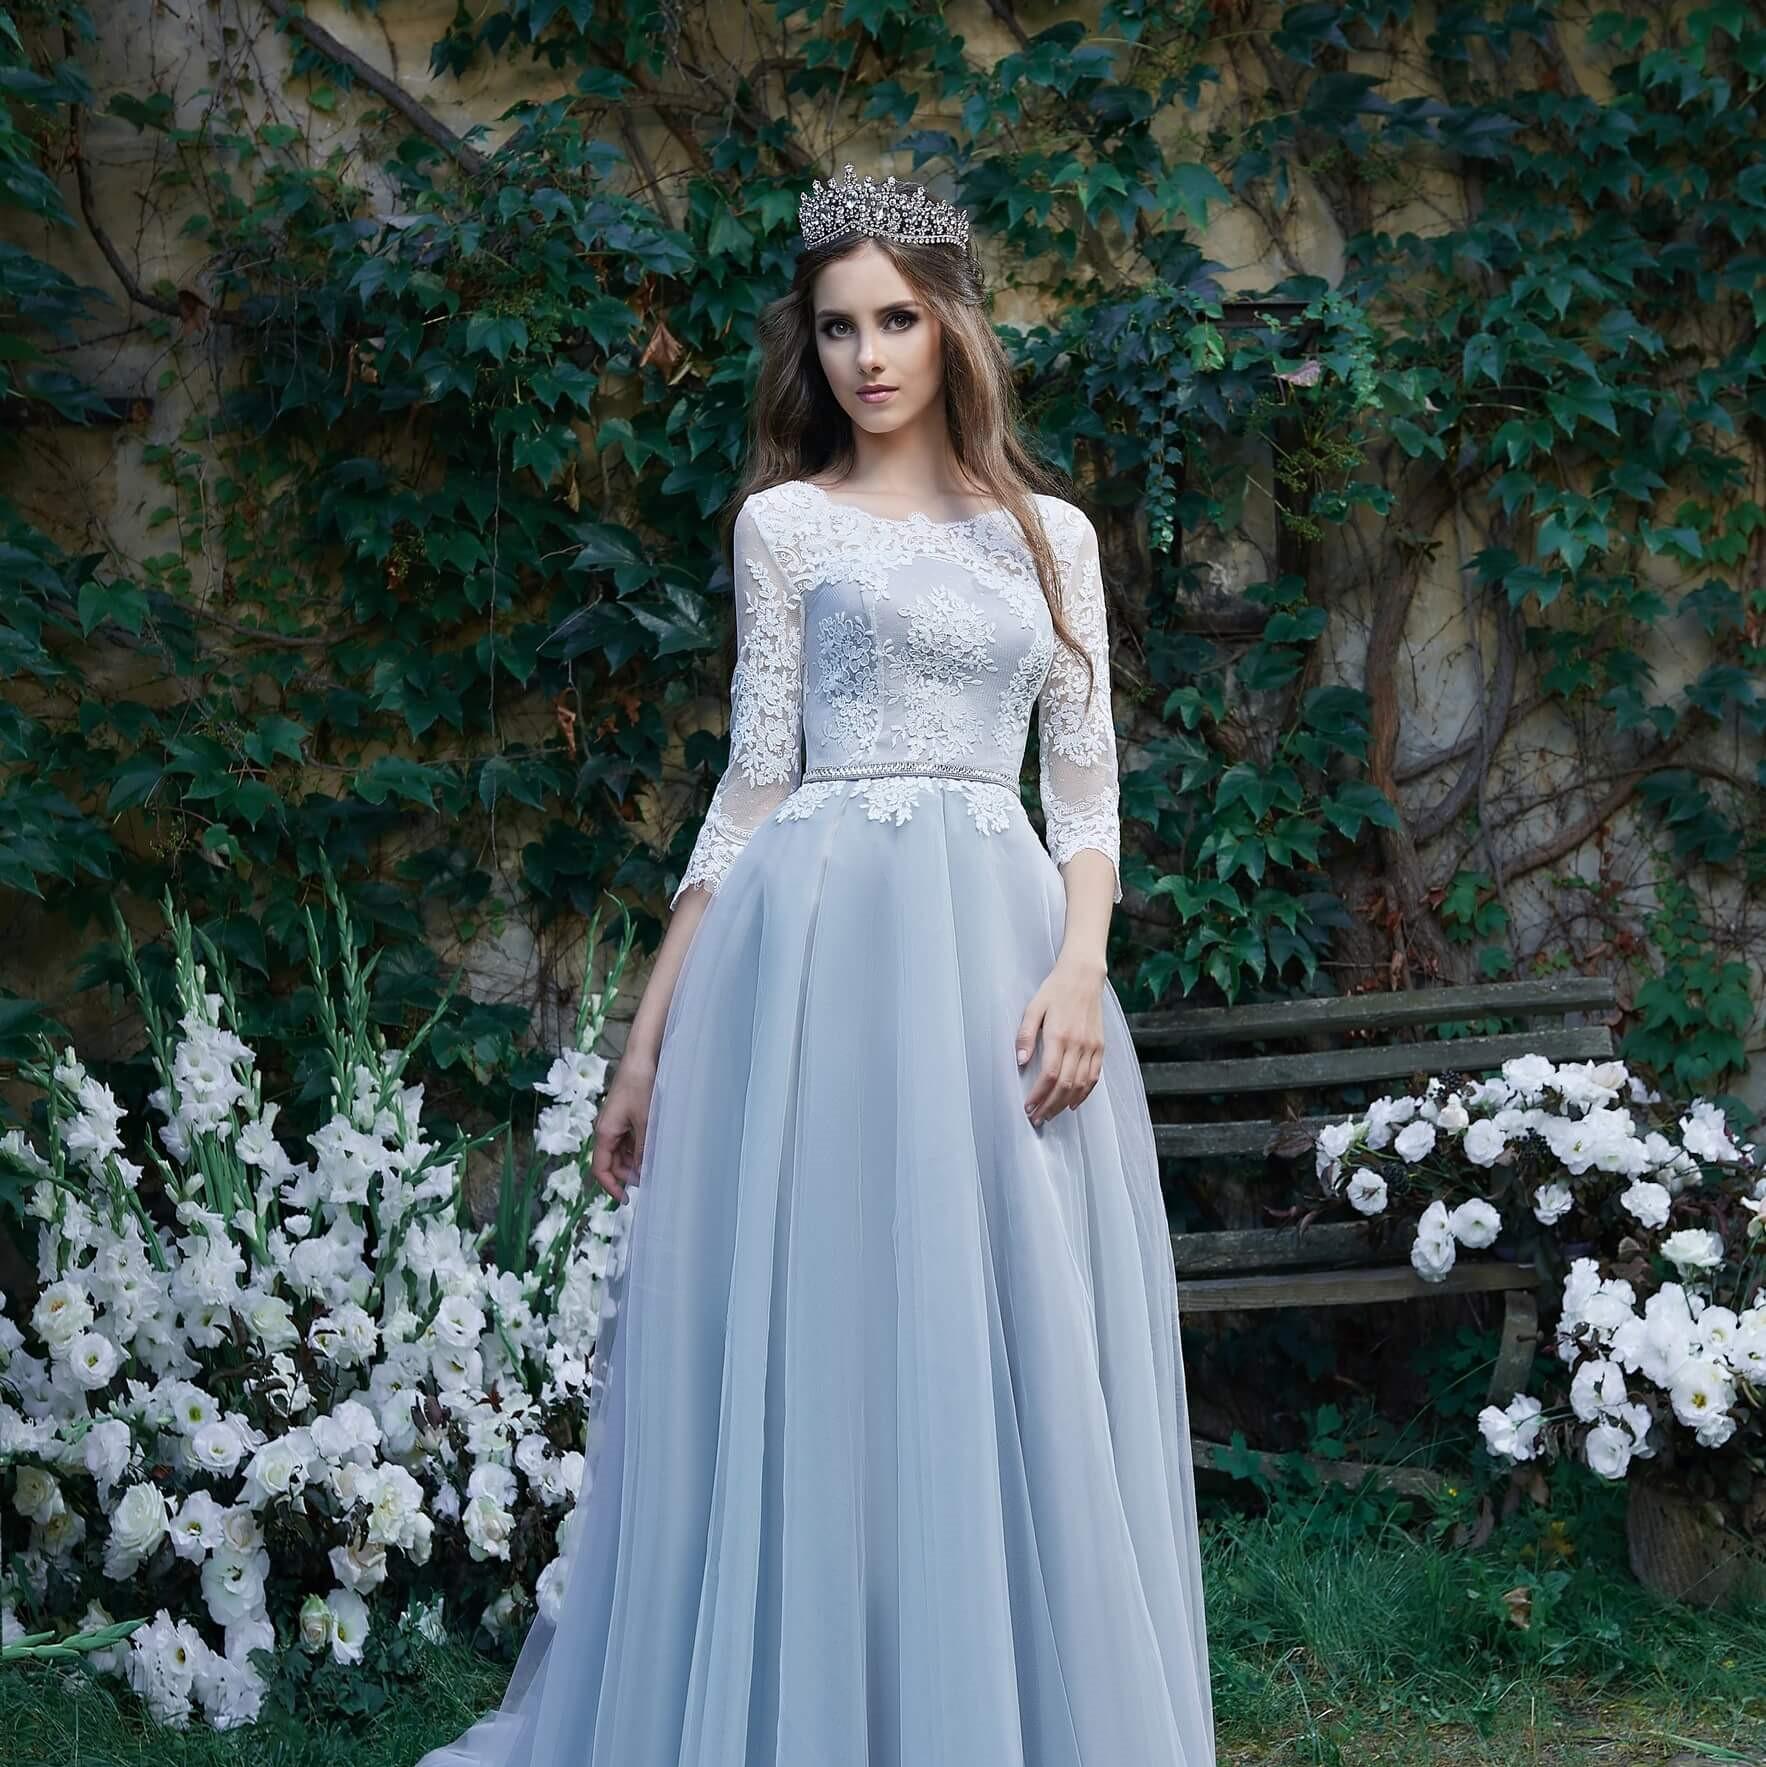 Фото 1 - Модные вечерние платья 2019